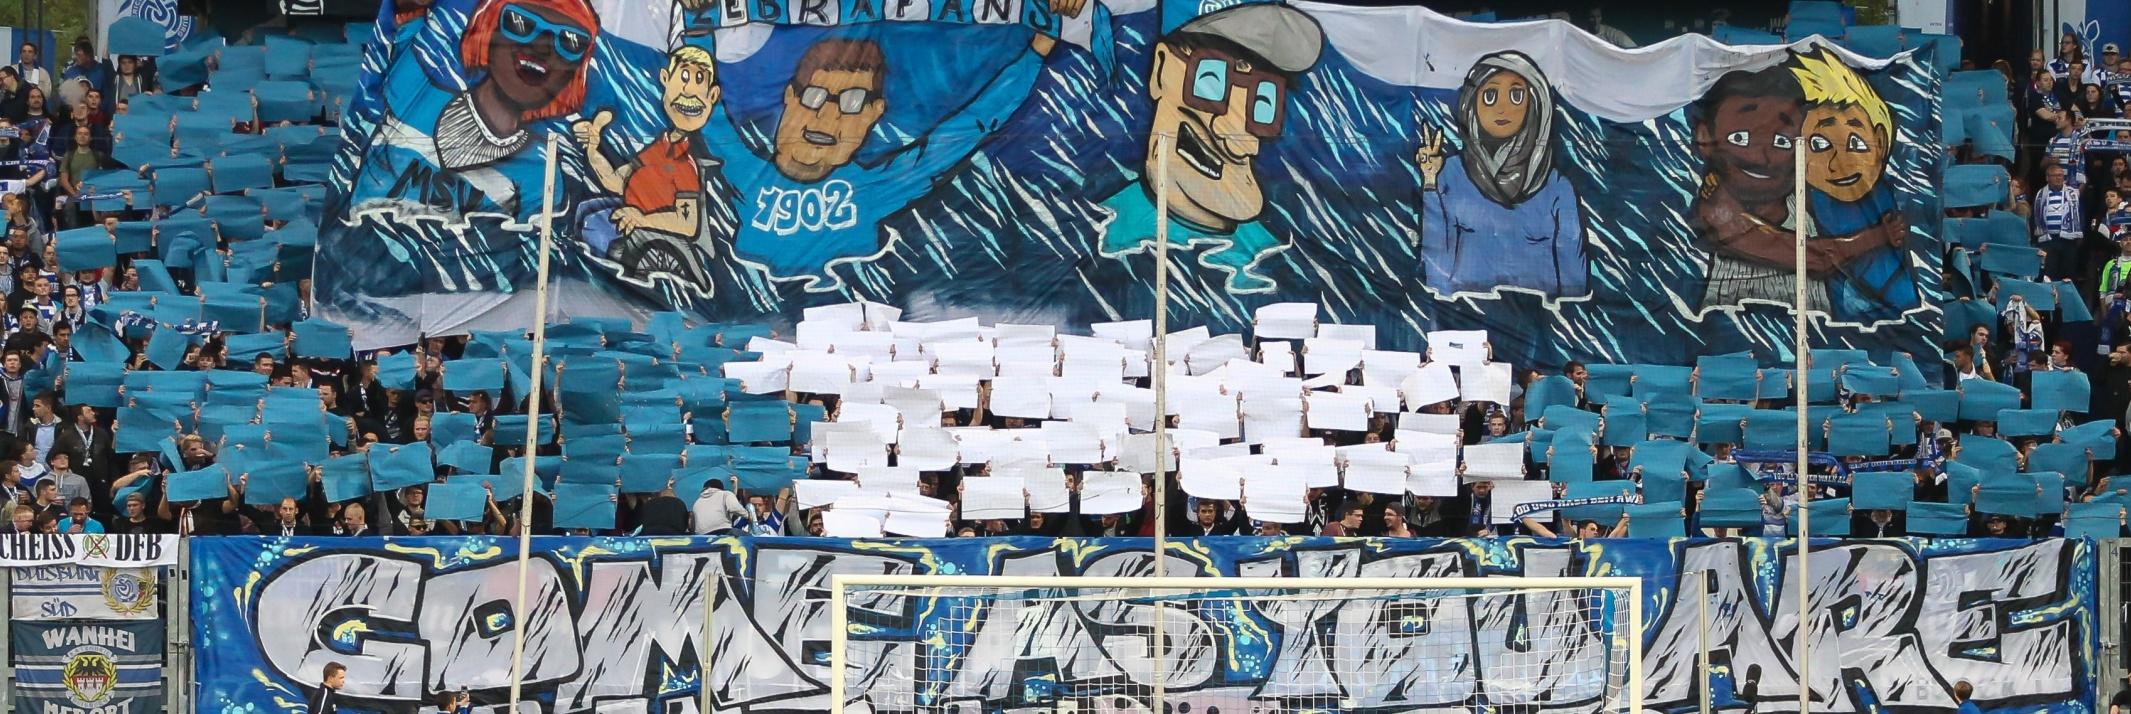 Choreographie zu Inklusion vom MSV Duisburg. Oben: Banner unterschiedlicher Menschen: dunkelhäutige, blind Frau mit dunkler Brille, Rollstuhlfahrer, Frau mit Kopftuch, gleichgeschlechtliches Paar. Davor blau weiße Schilder. Unten: Banner mit der Aufschrift: Come as you are